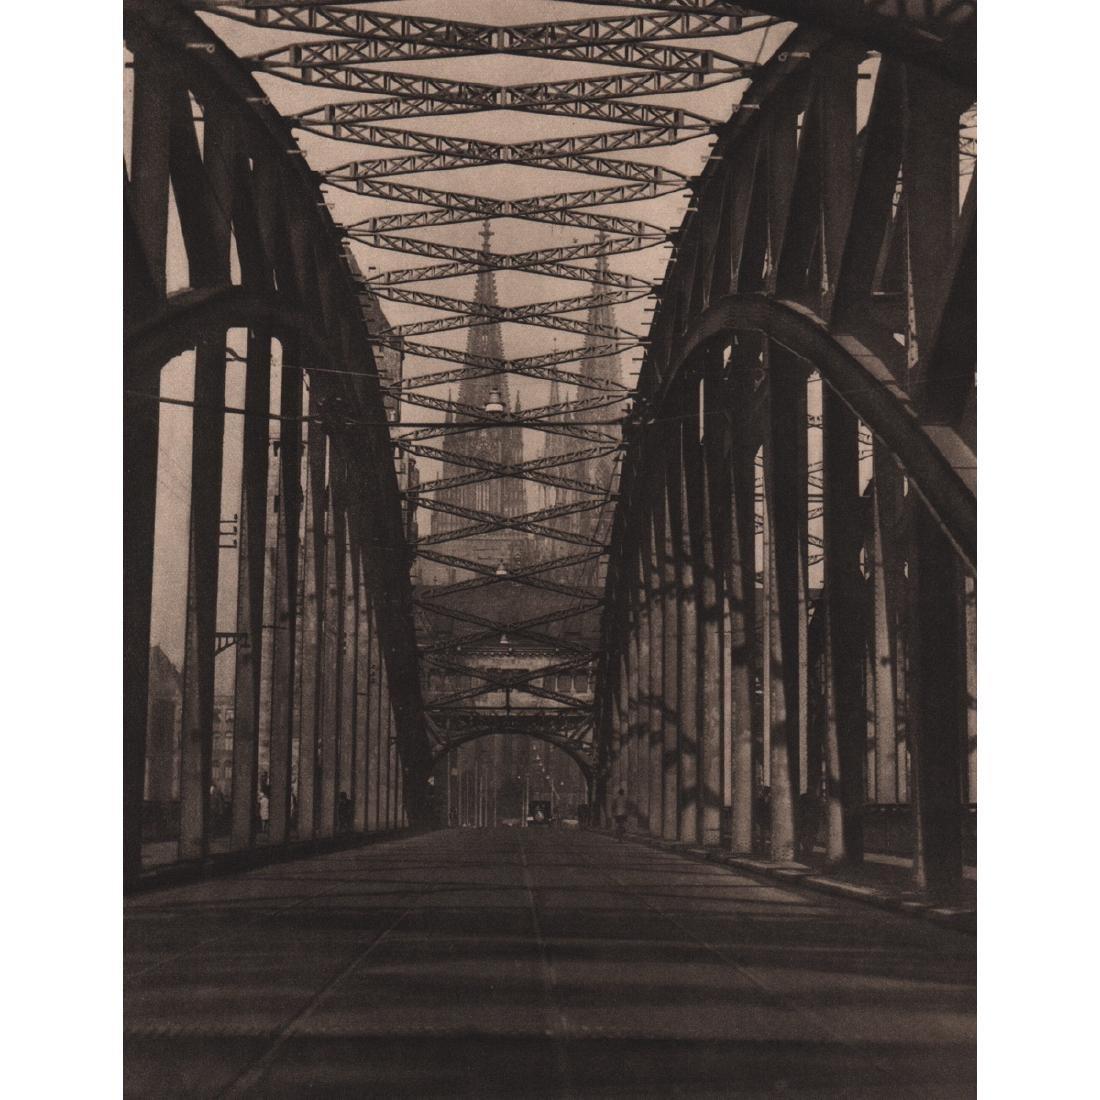 E.O. HOPPE - Hohenzollern Bridge, Cologne